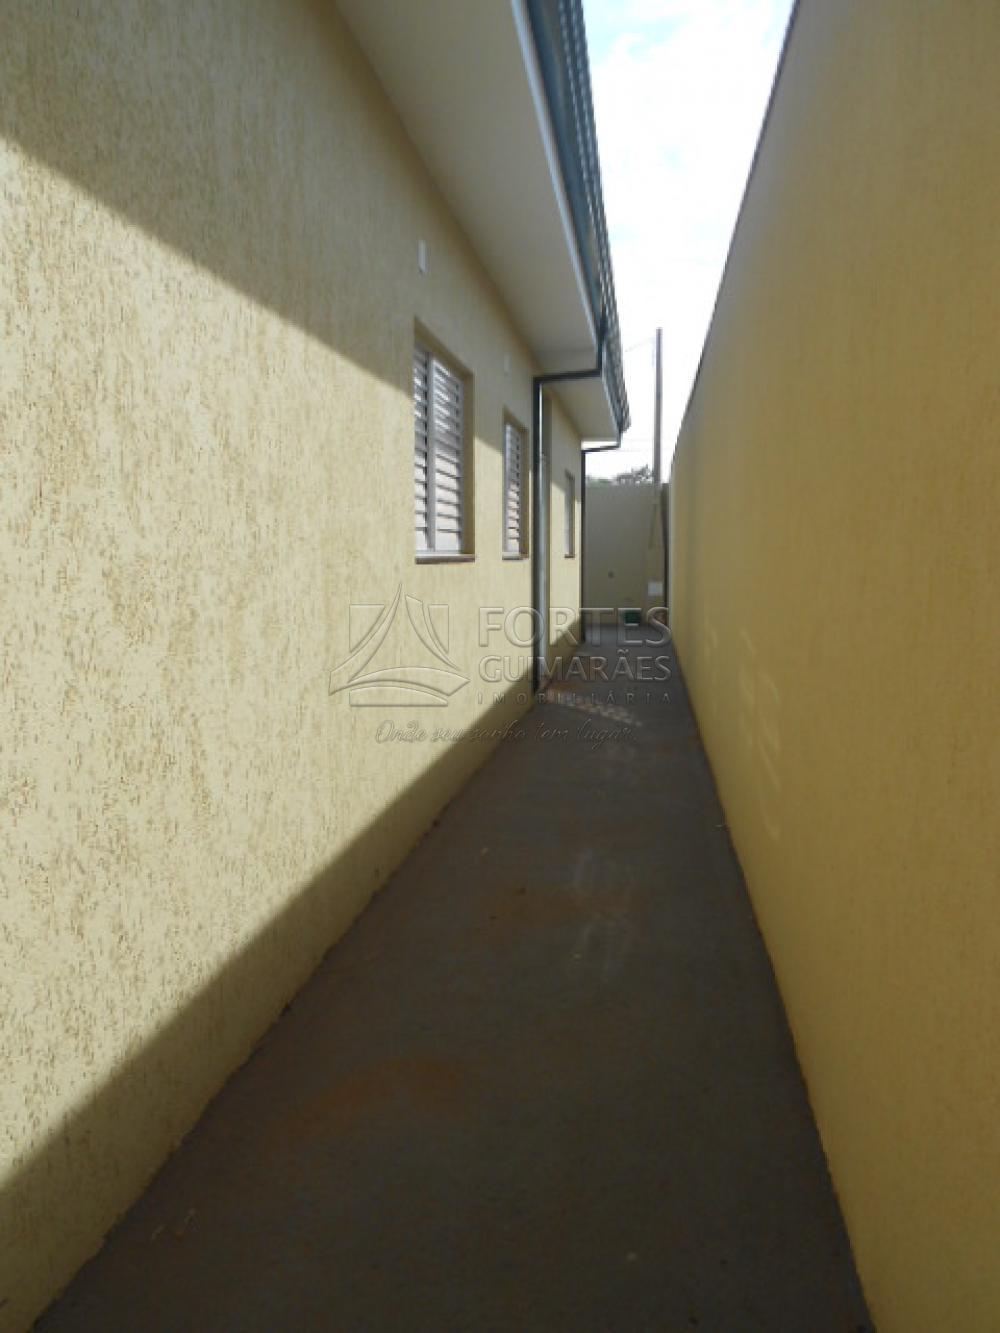 Alugar Casas / Padrão em Bonfim Paulista apenas R$ 1.300,00 - Foto 32